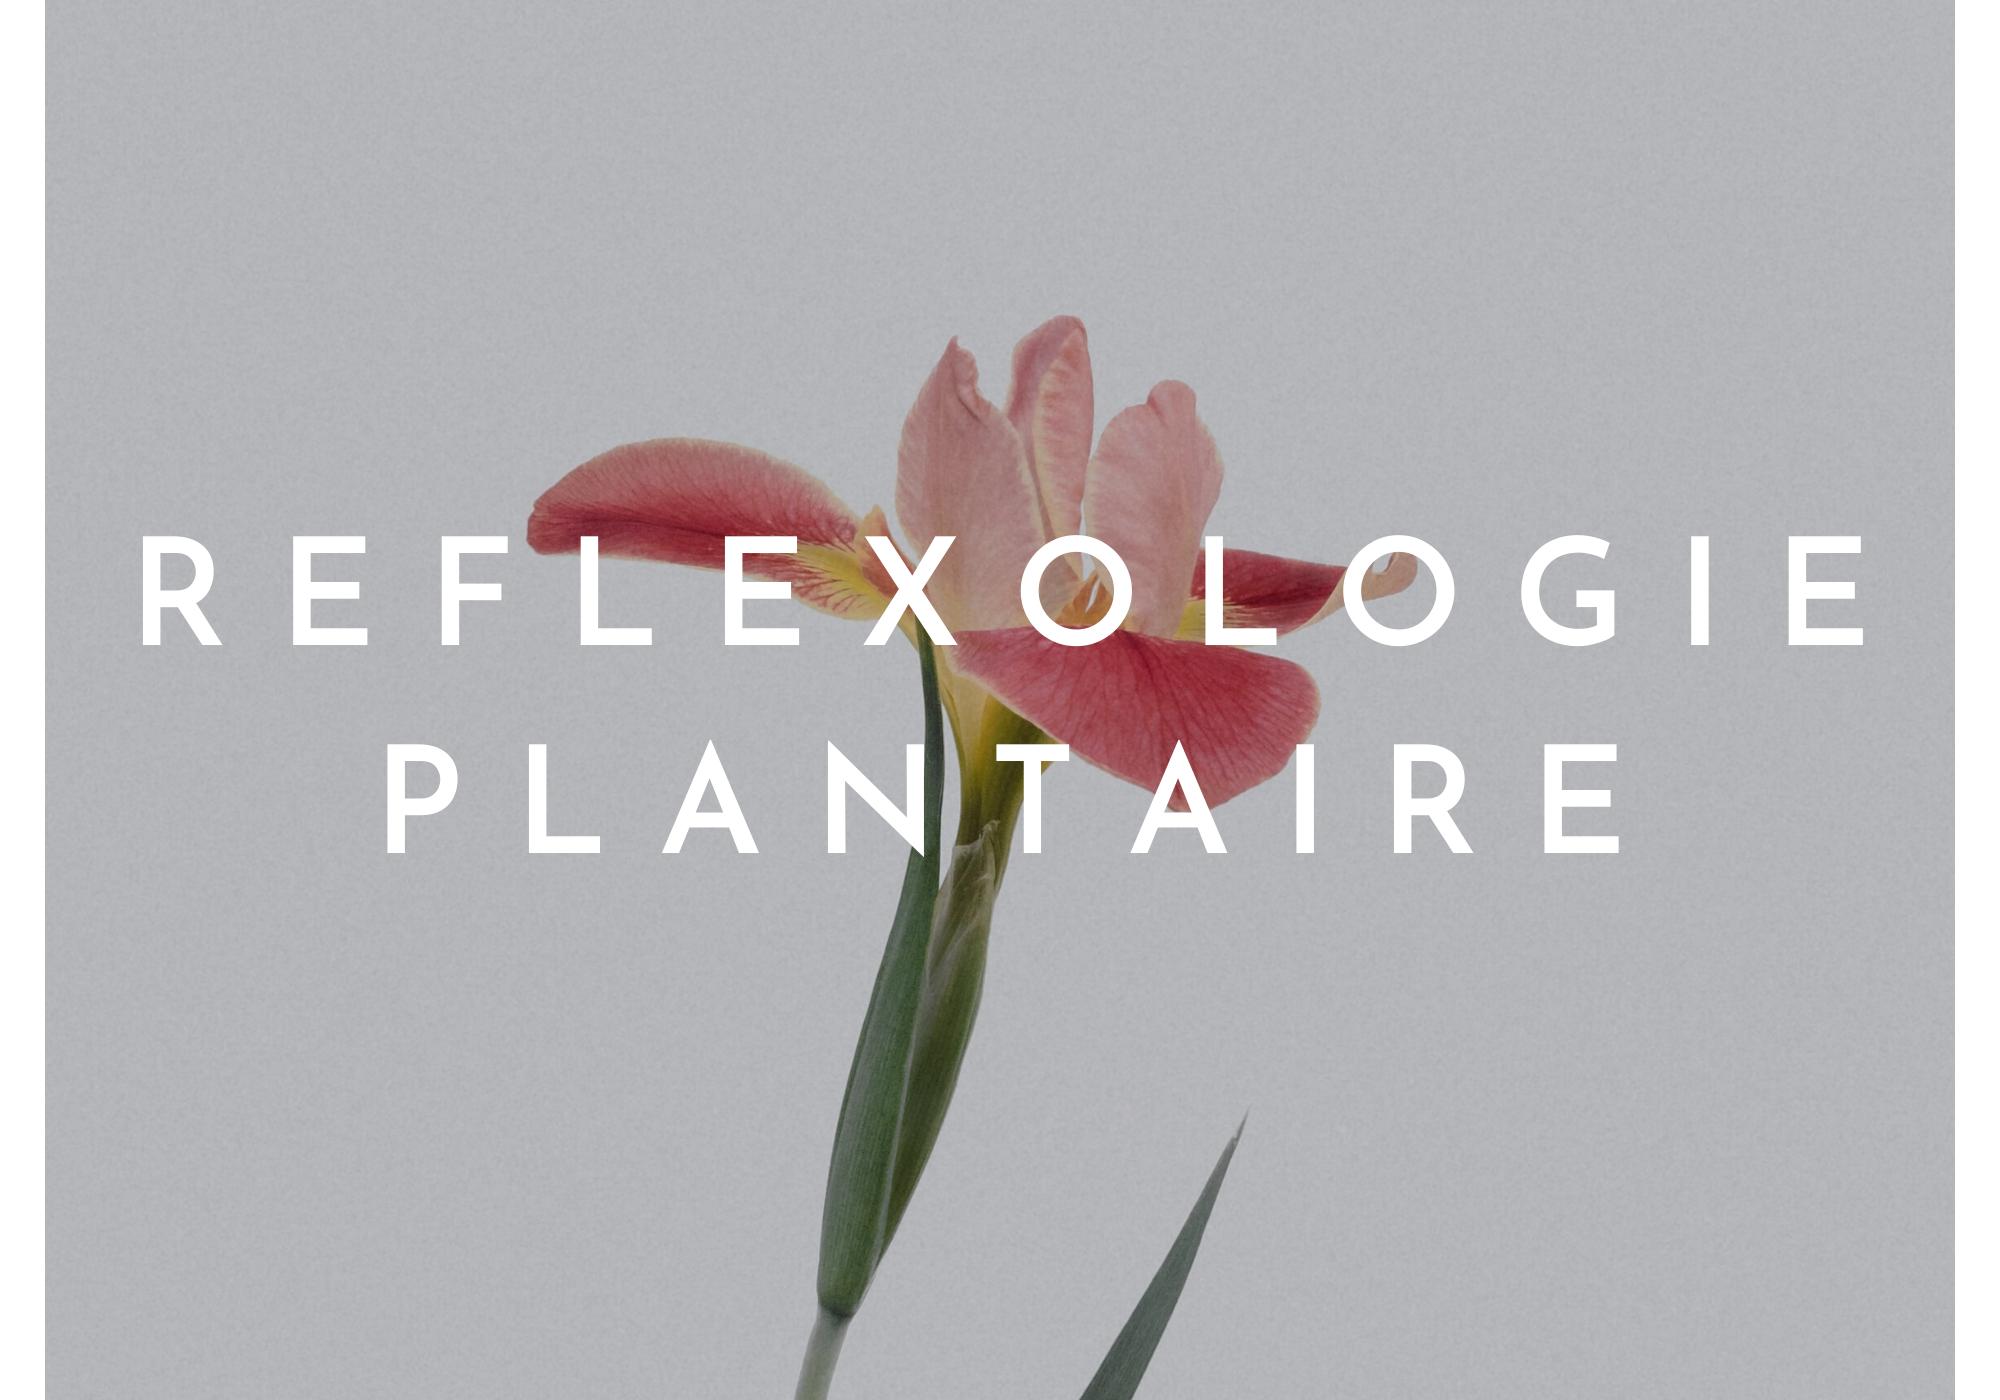 Réflexologie plantaire Toulouse - Equilibre, détox, bien-être, forme, santé